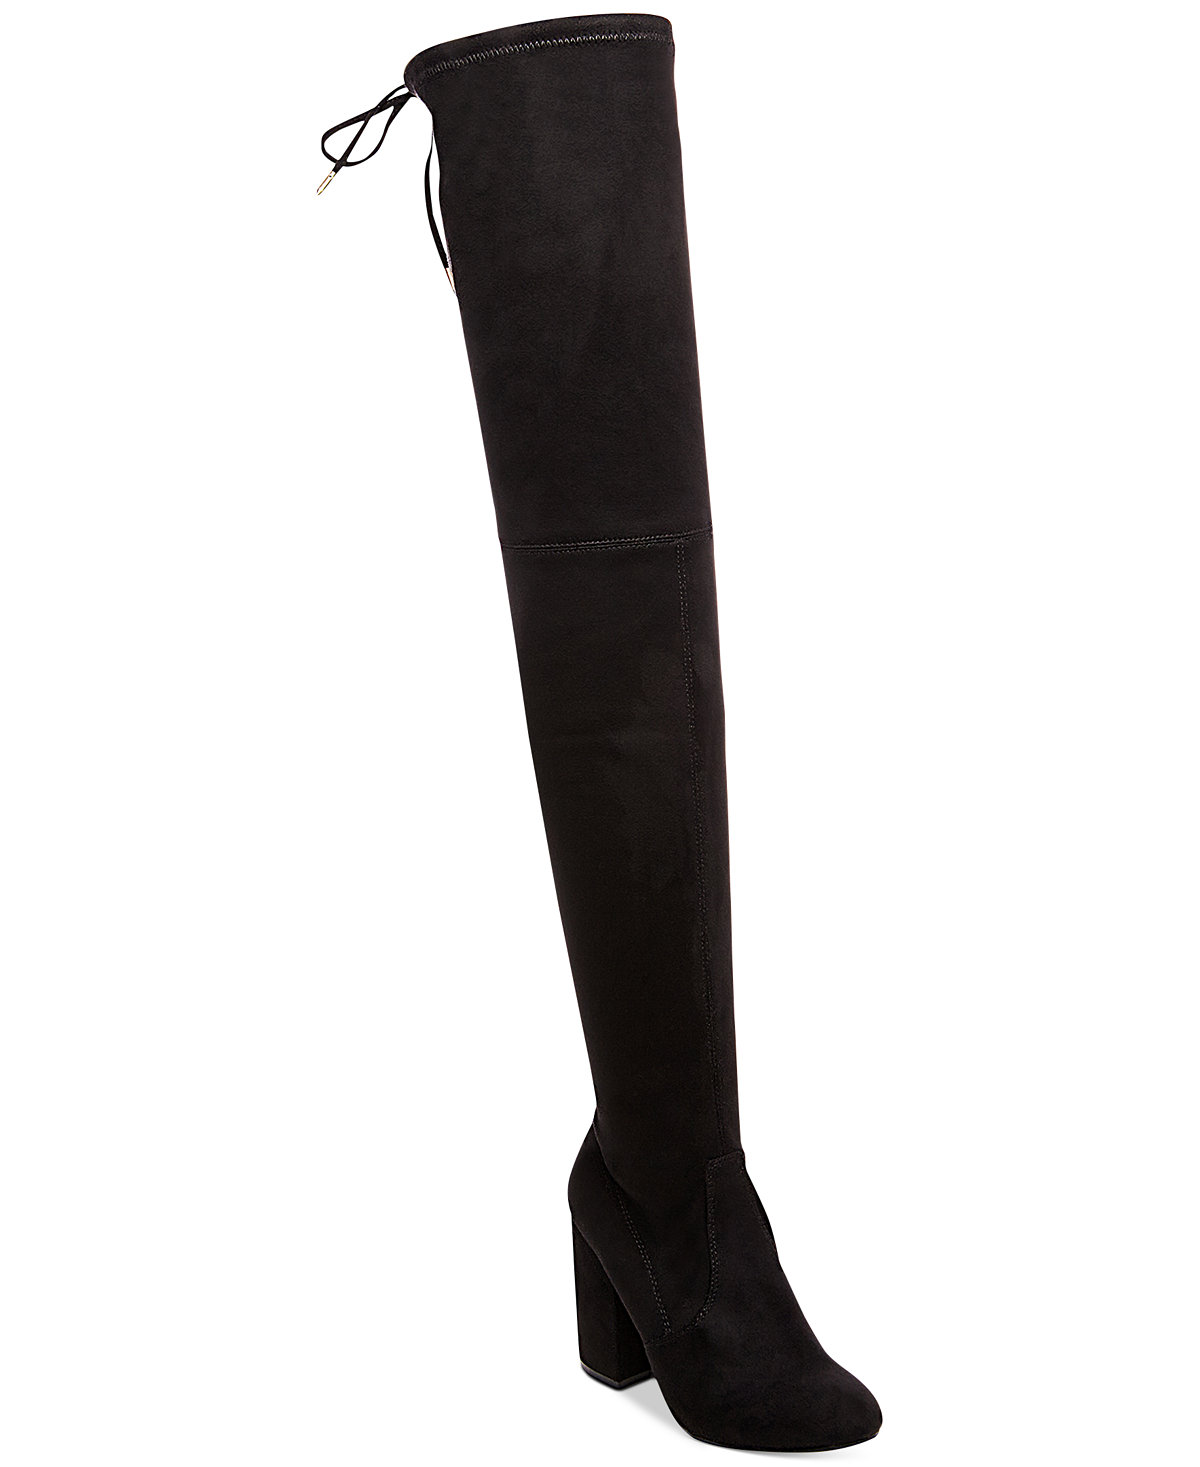 Steve Madden Women's Norri Over-The-Knee Boots